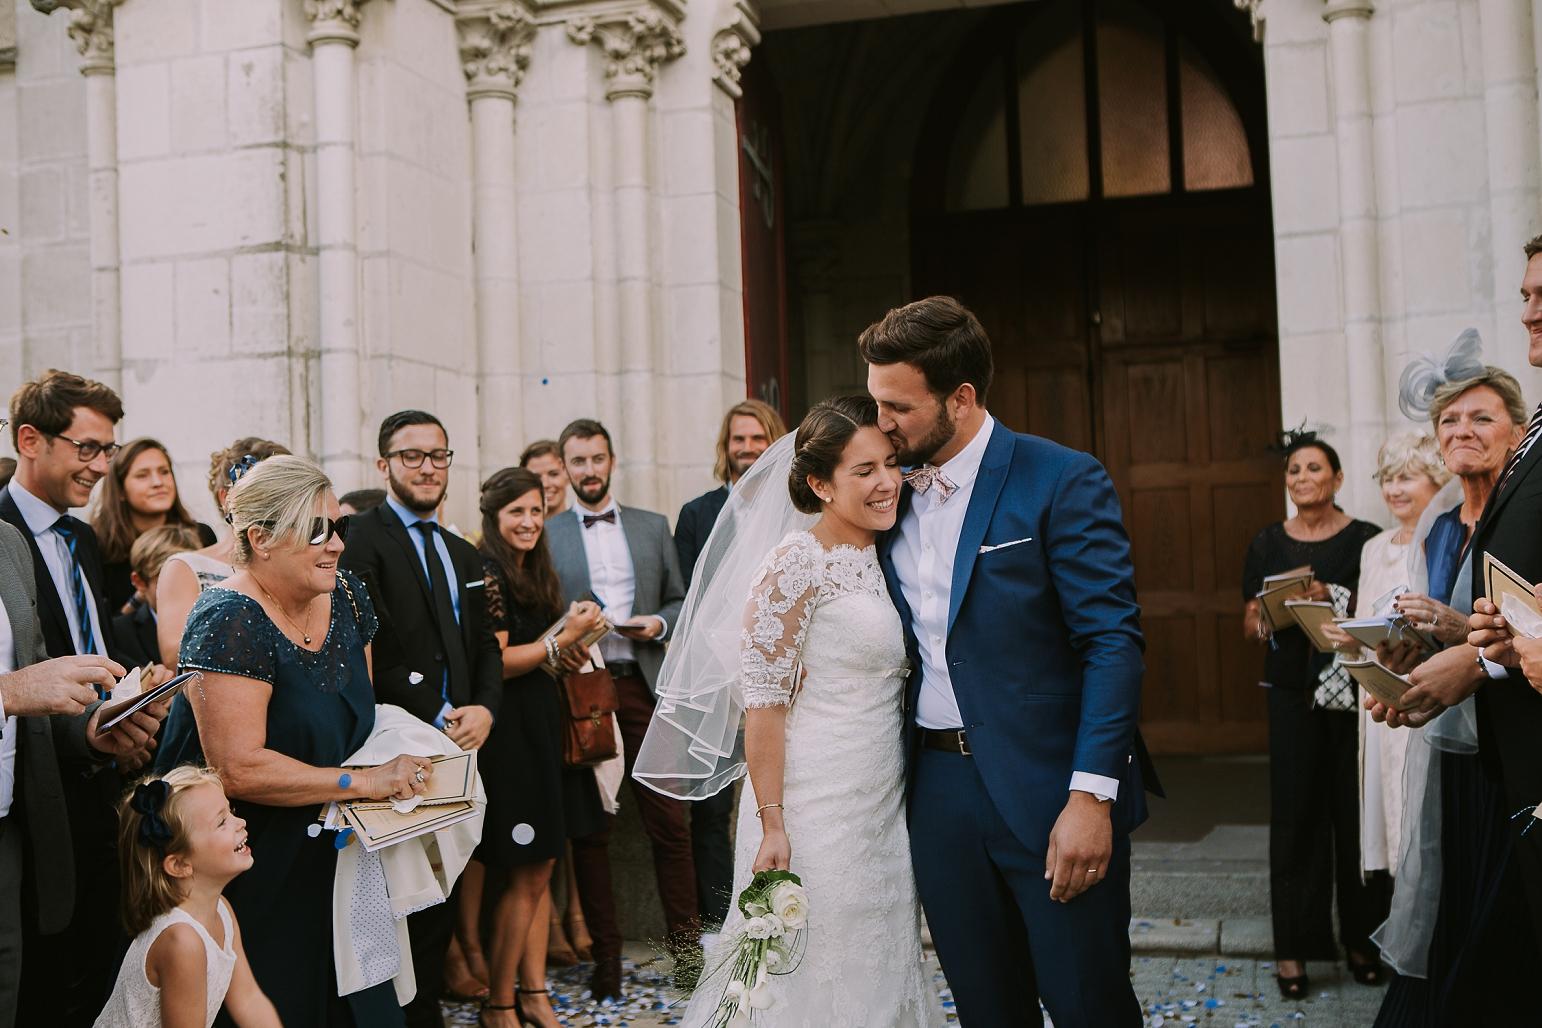 kateryna-photos-mariage-wedding-france-bretagne-pays-de-la-loire-chateau-de-la-colaissiere-st-sauveur-de-landemont_0045.jpg